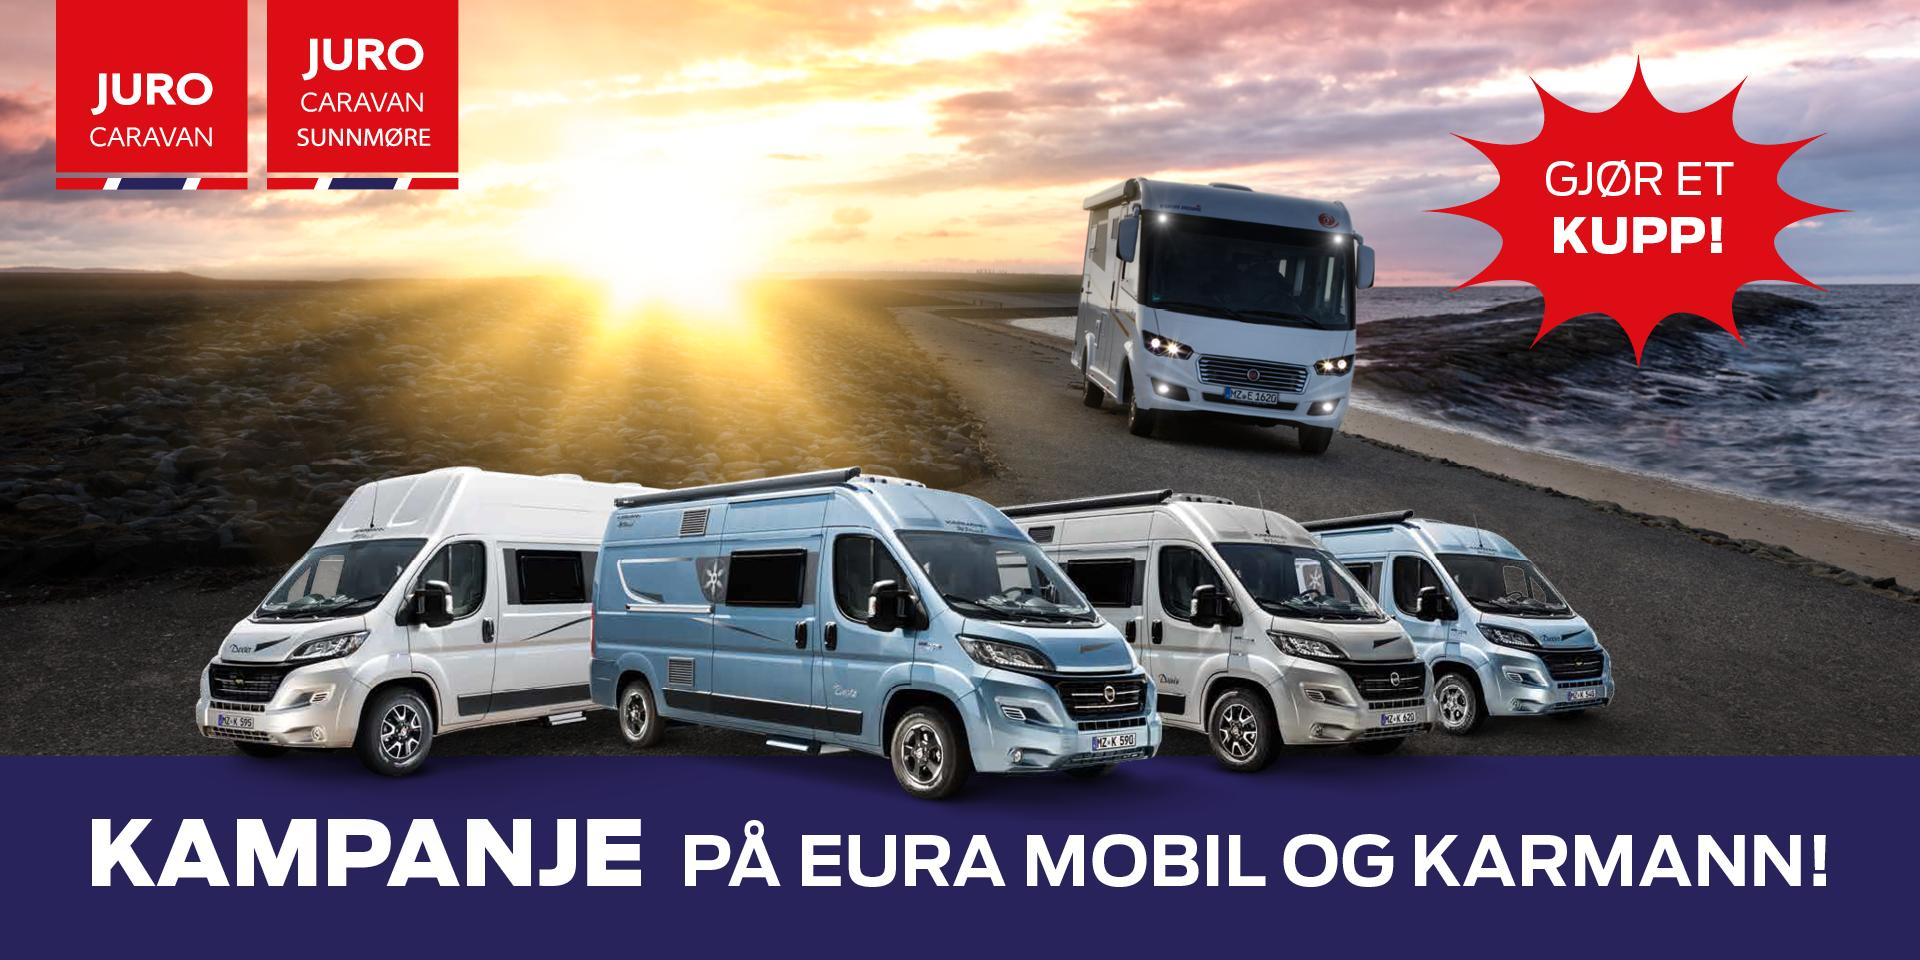 10-euromobil og karmann.png